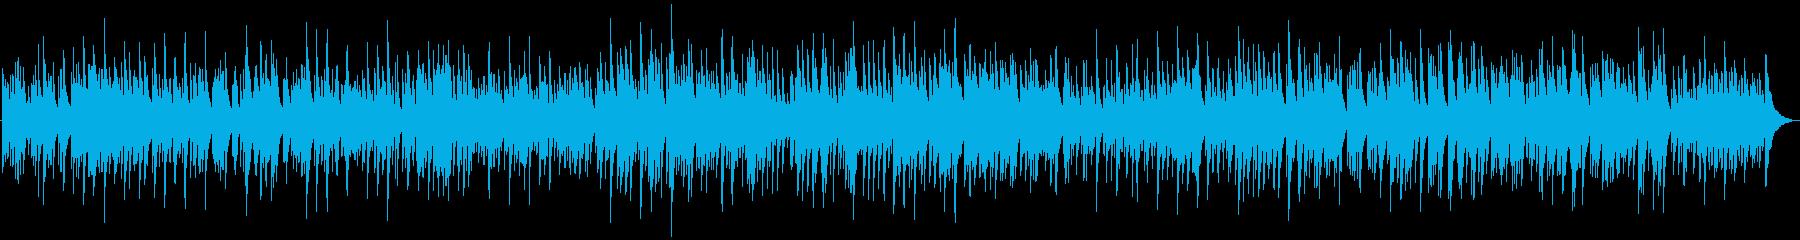 Nostalgic piano solo, calm down's reproduced waveform